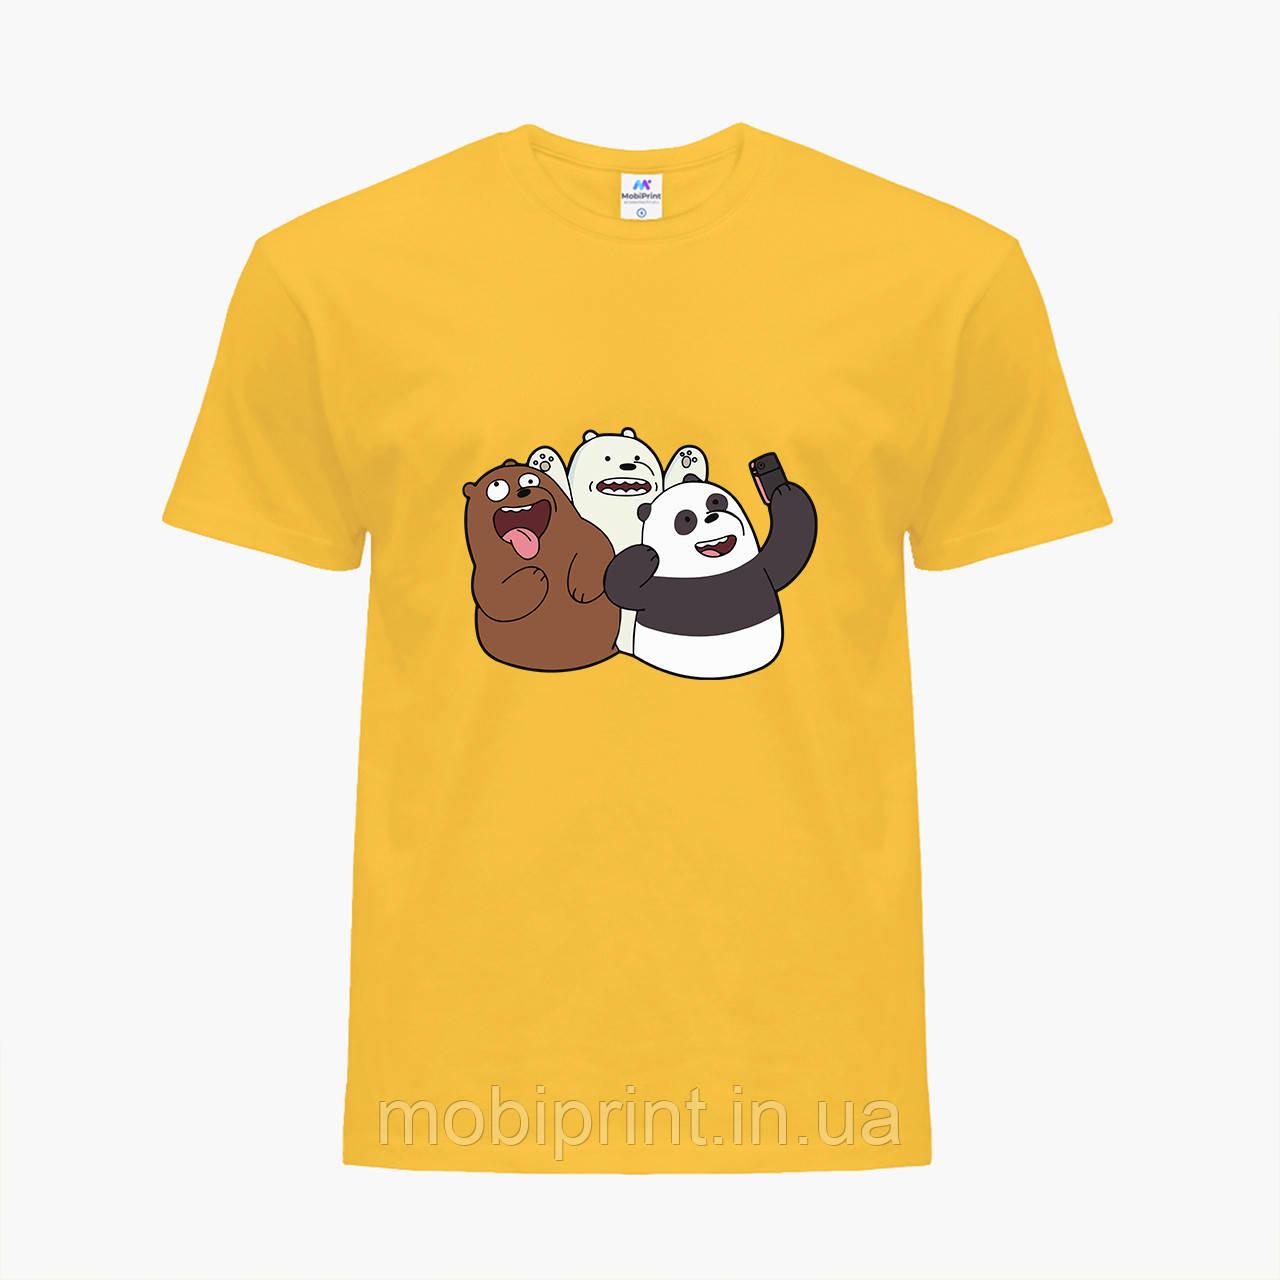 Дитяча футболка для хлопчиків Вся правда про ведмедів (We Bare Bears) (25186-2665-SY) Жовтий